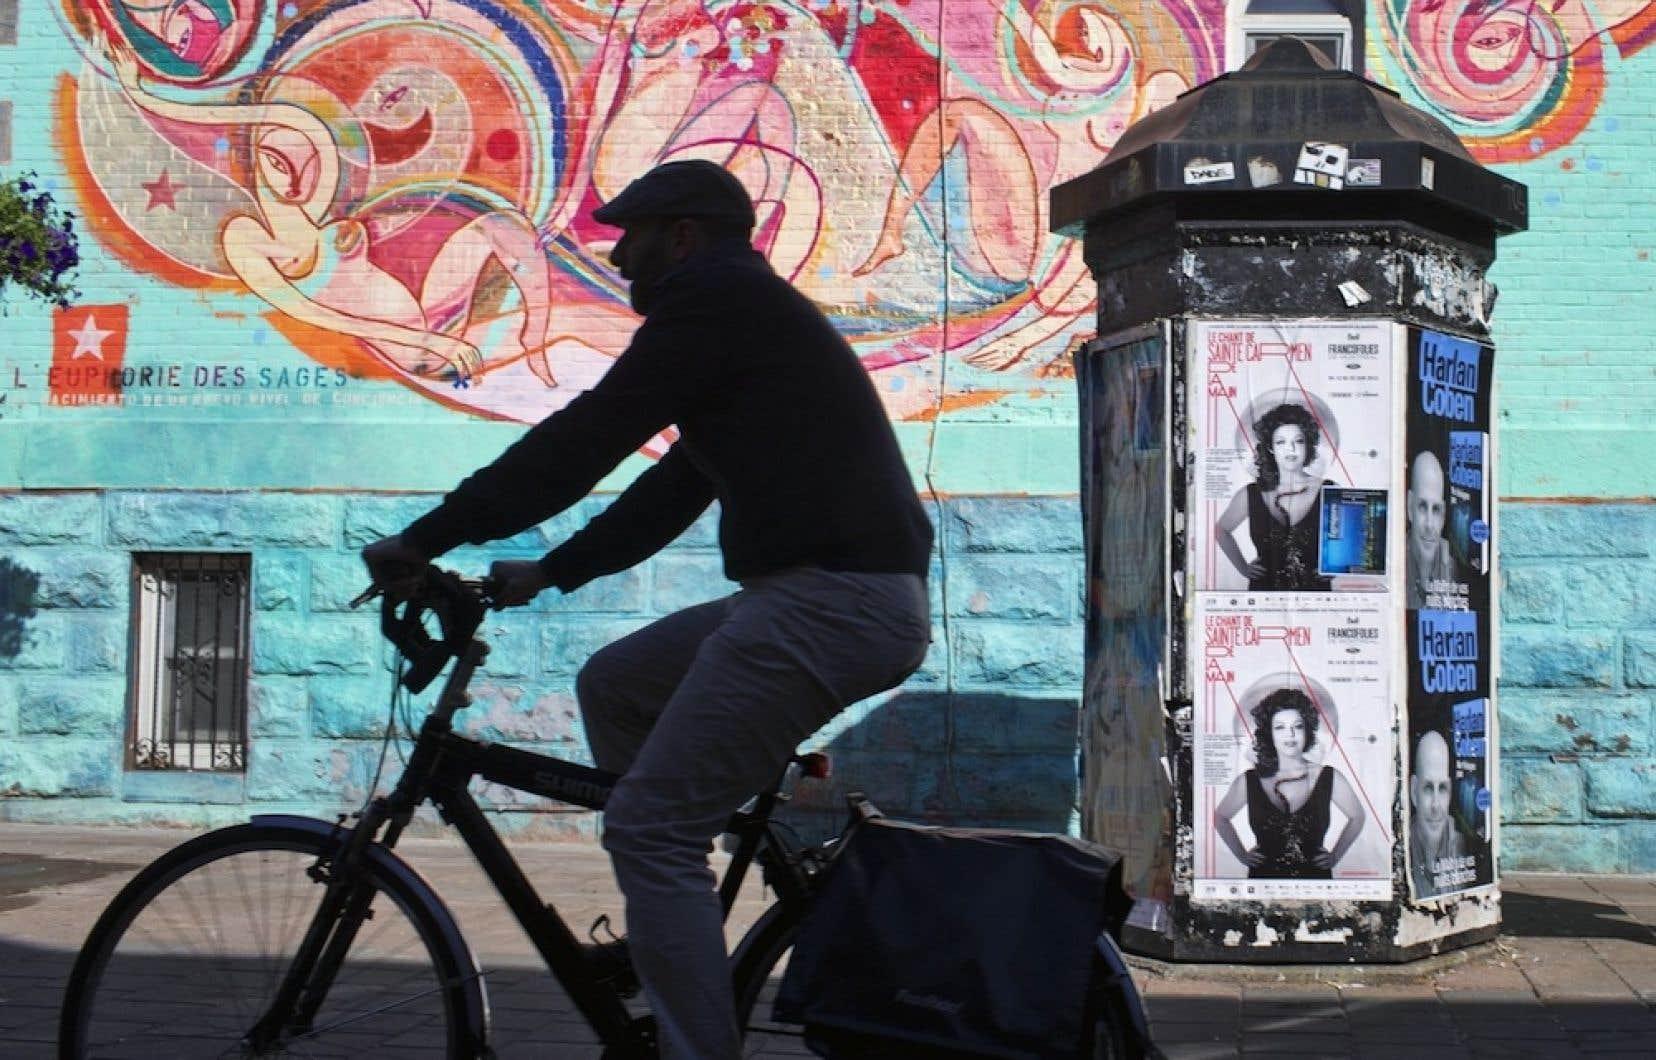 Plus il y aura d'utilisateurs de l'application Mon RésoVélo, plus la Ville aura des données précises sur l'origine et la destination des cyclistes.